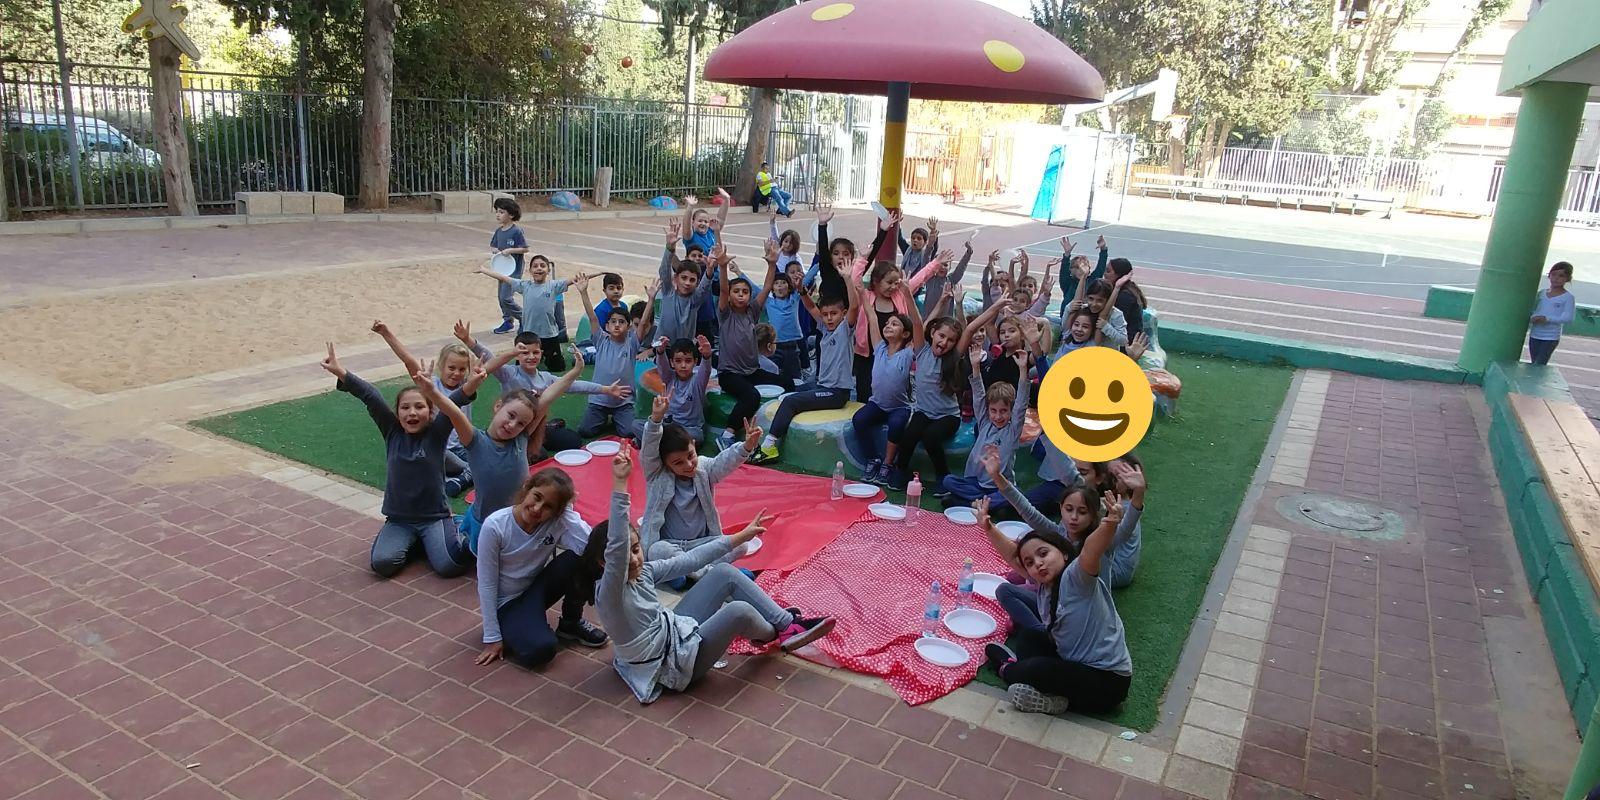 ילדים תלמידים בית ספר חצר צילום רשת קהילה ופנאי